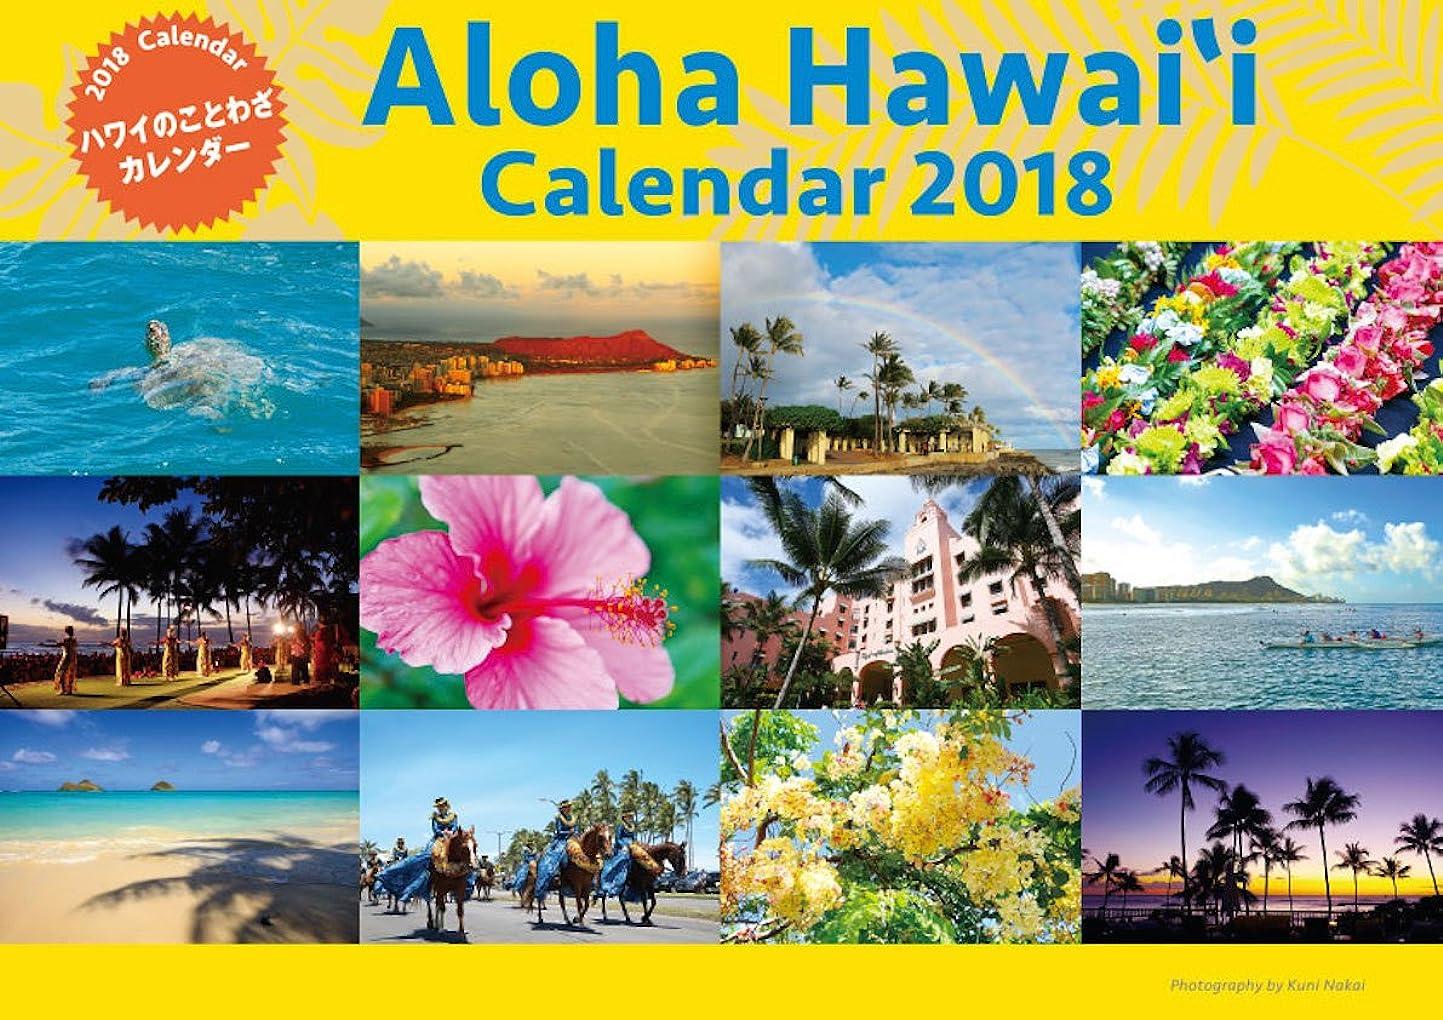 予報うなずく乱す2018年「ハワイのことわざカレンダー」通常盤! (「Aloha Hawai'i Calendar 2018」)